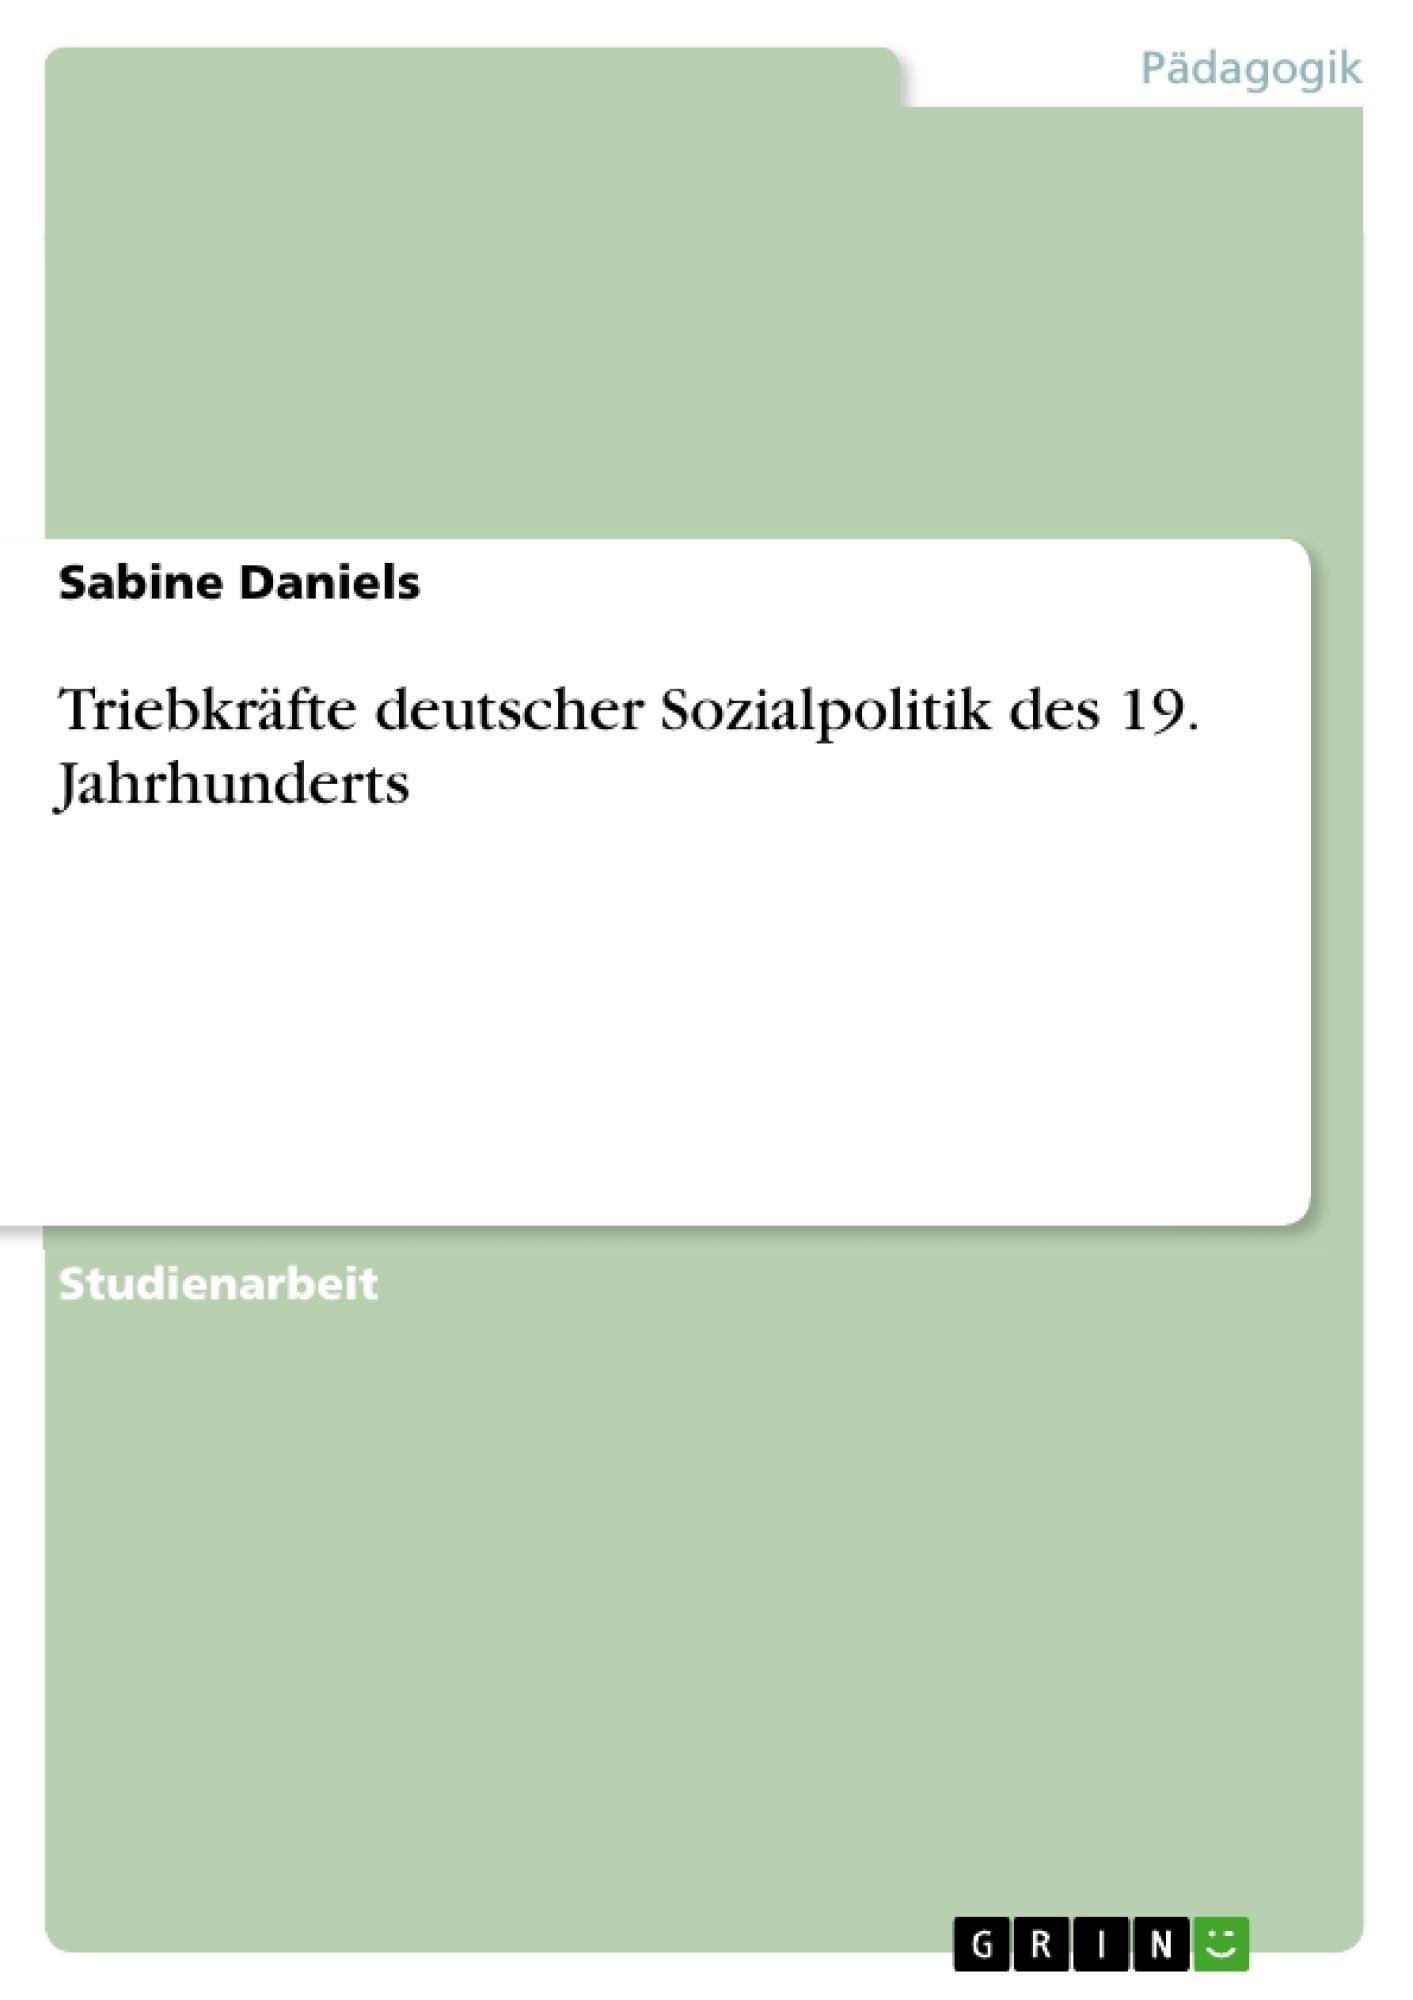 Titel: Triebkräfte deutscher Sozialpolitik des 19. Jahrhunderts